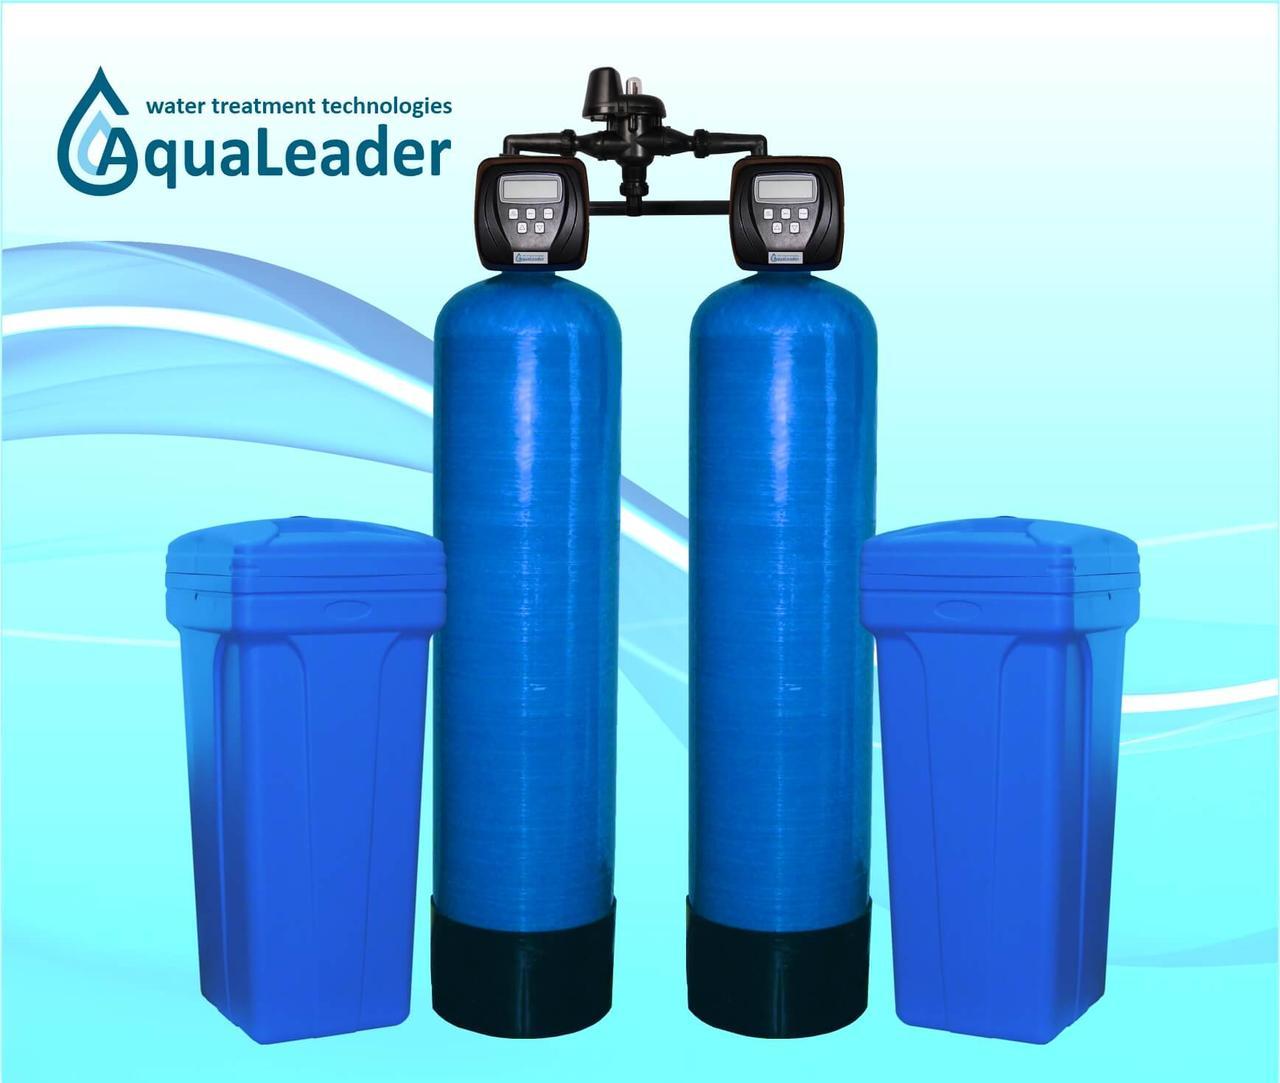 Фильтр для удаления солей жесткости из воды FS125 TWIN, Clack Corporation, USA